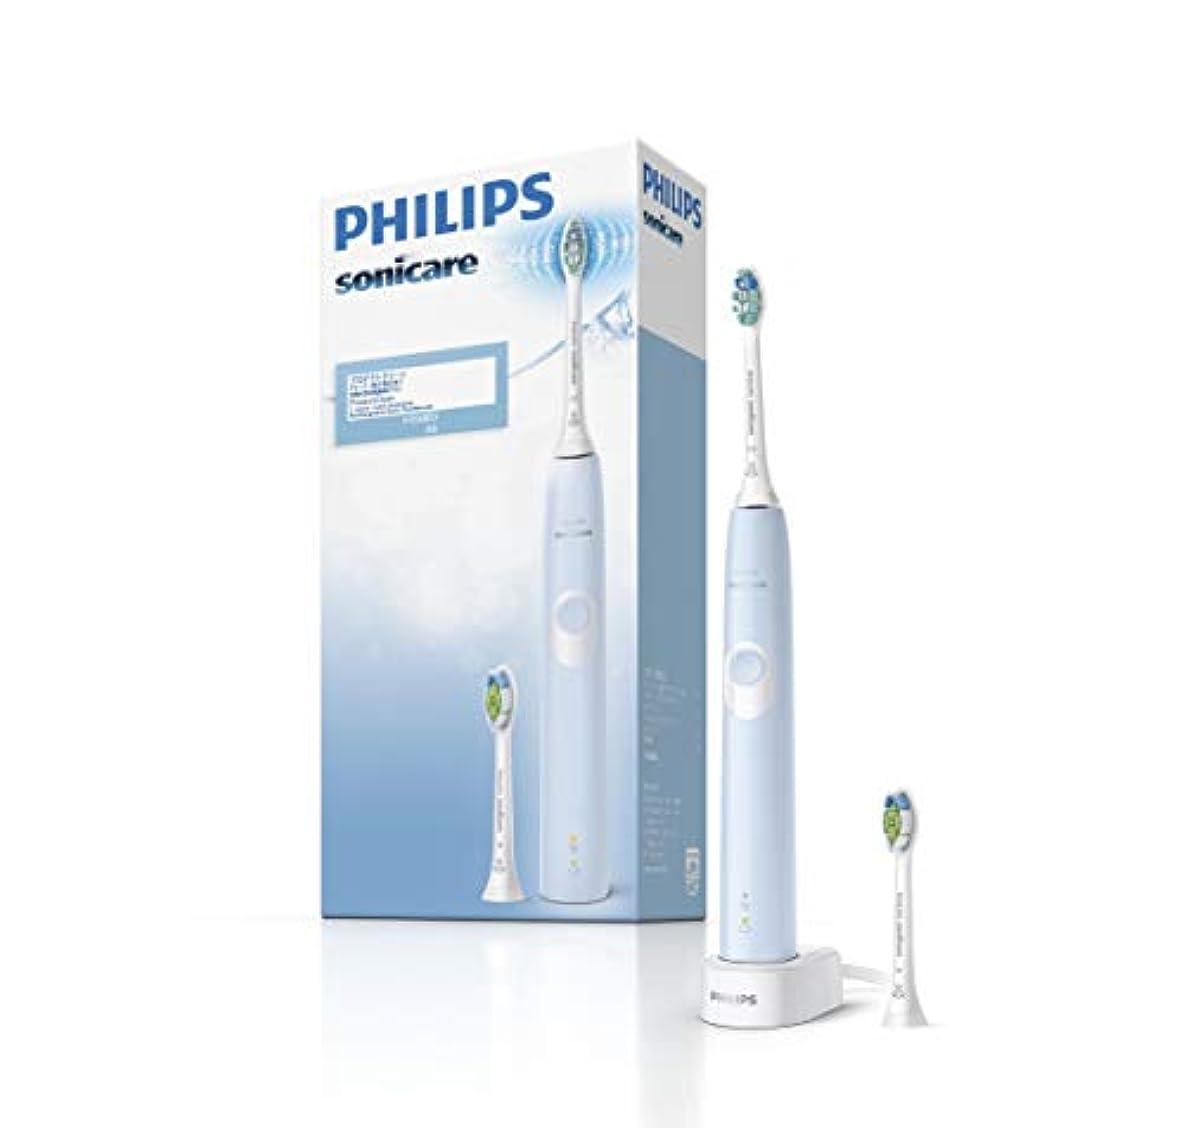 会計士本質的に奇跡的なフィリップス ソニッケアー プロテクトクリーン 電動歯ブラシ ライトブルー HX6803/66